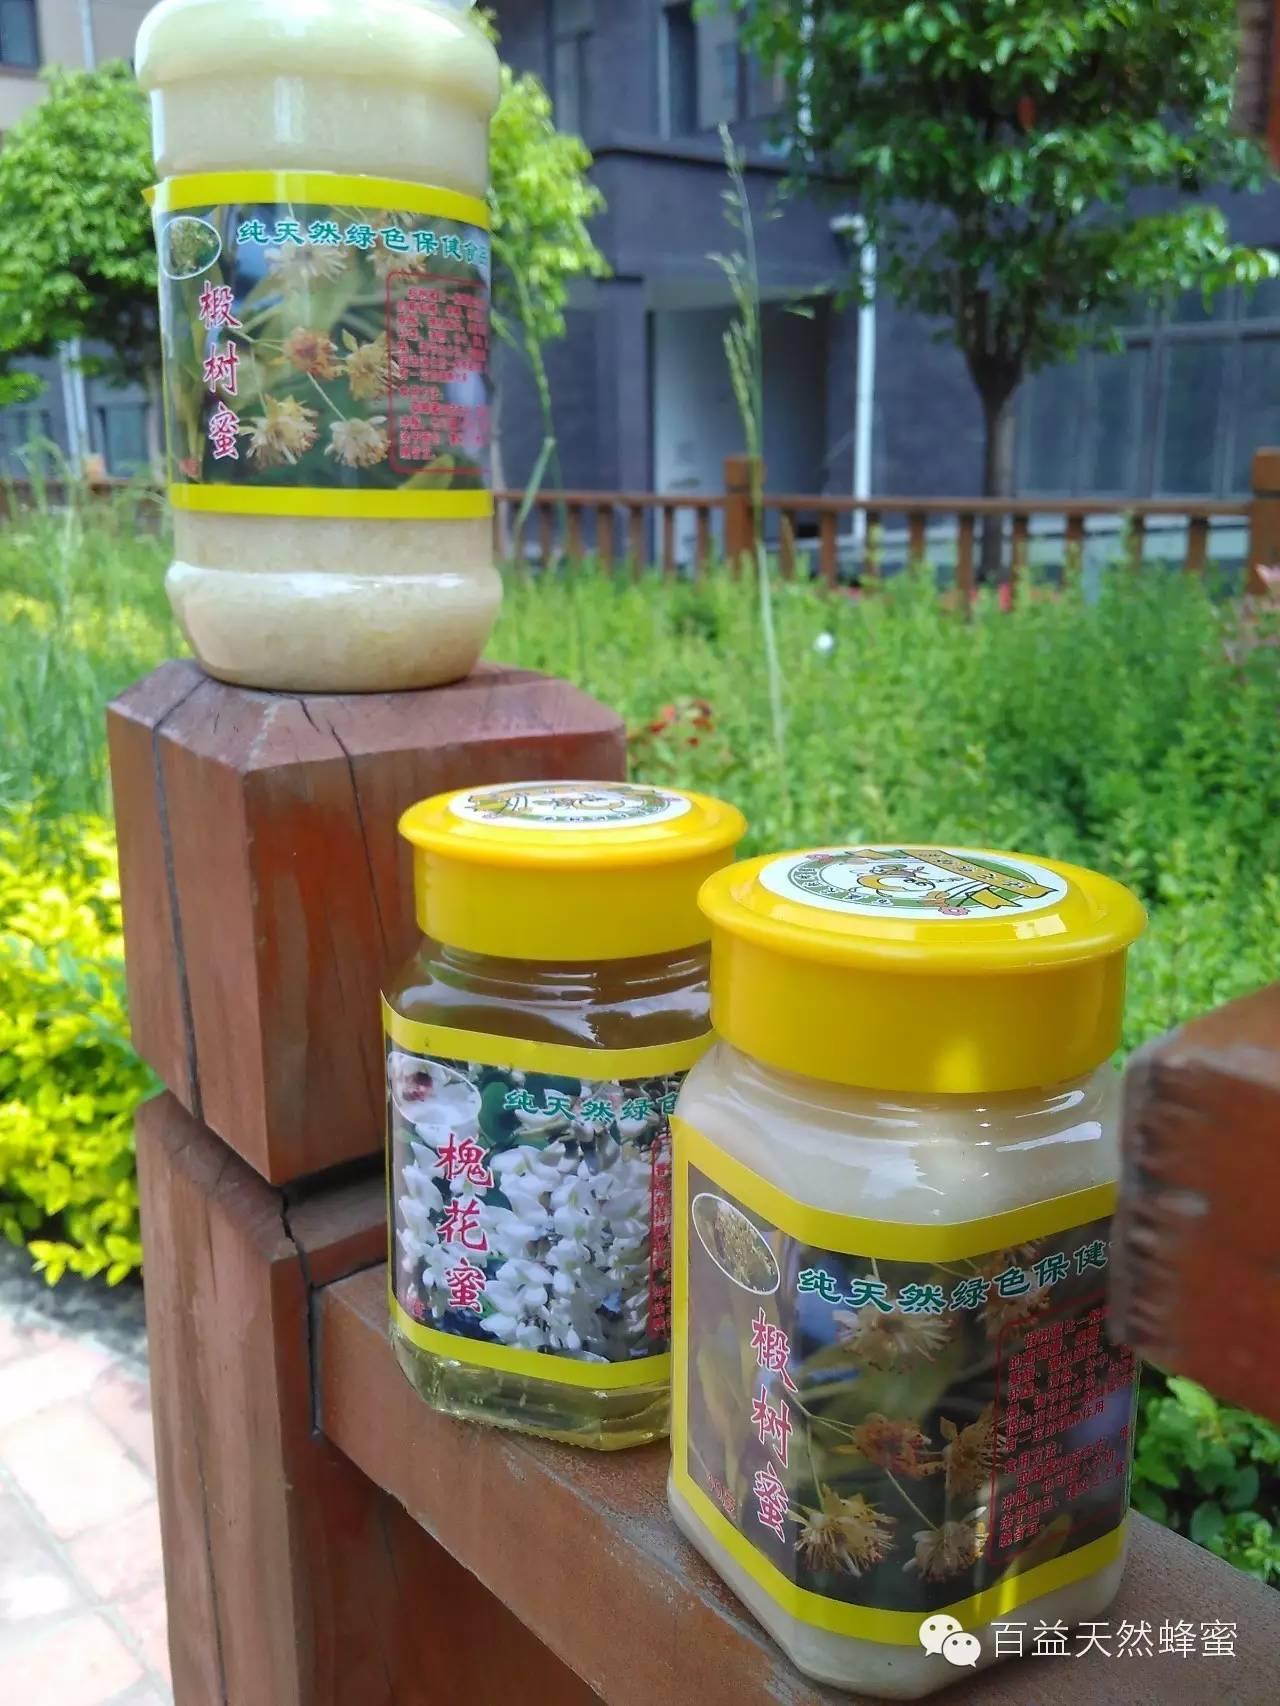 哪种蜂蜜美容最好 蜂蜜醋 蜂蜜怎么喝 辽宁省 蜂蜜睡眠